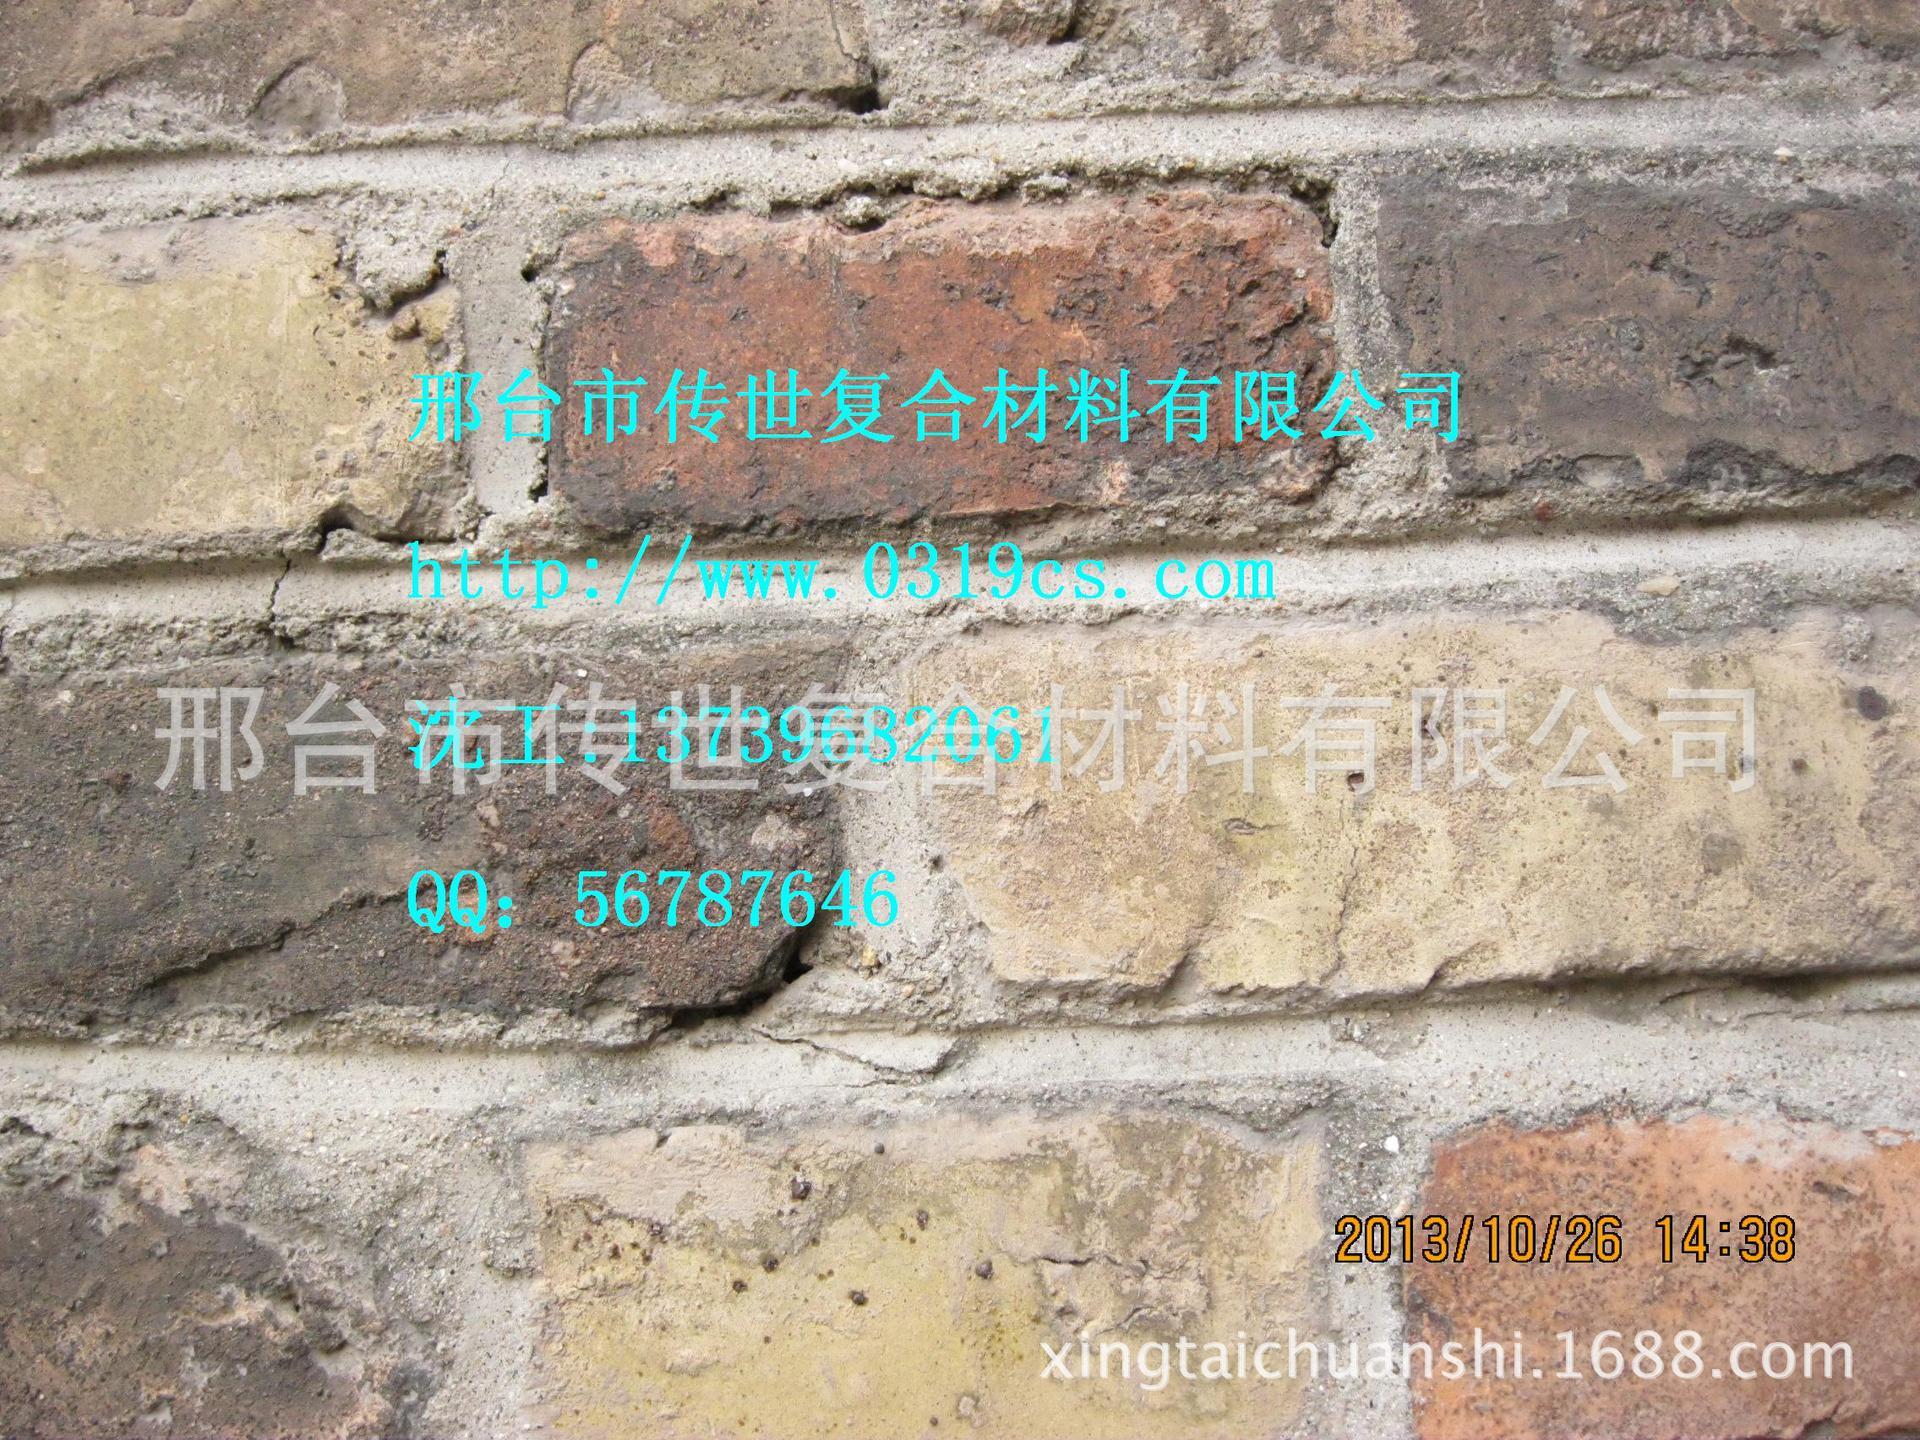 钢板粘接胶 北京钢板粘接胶 金属 瓷砖 木材 水泥制品效果最好 阿里巴巴